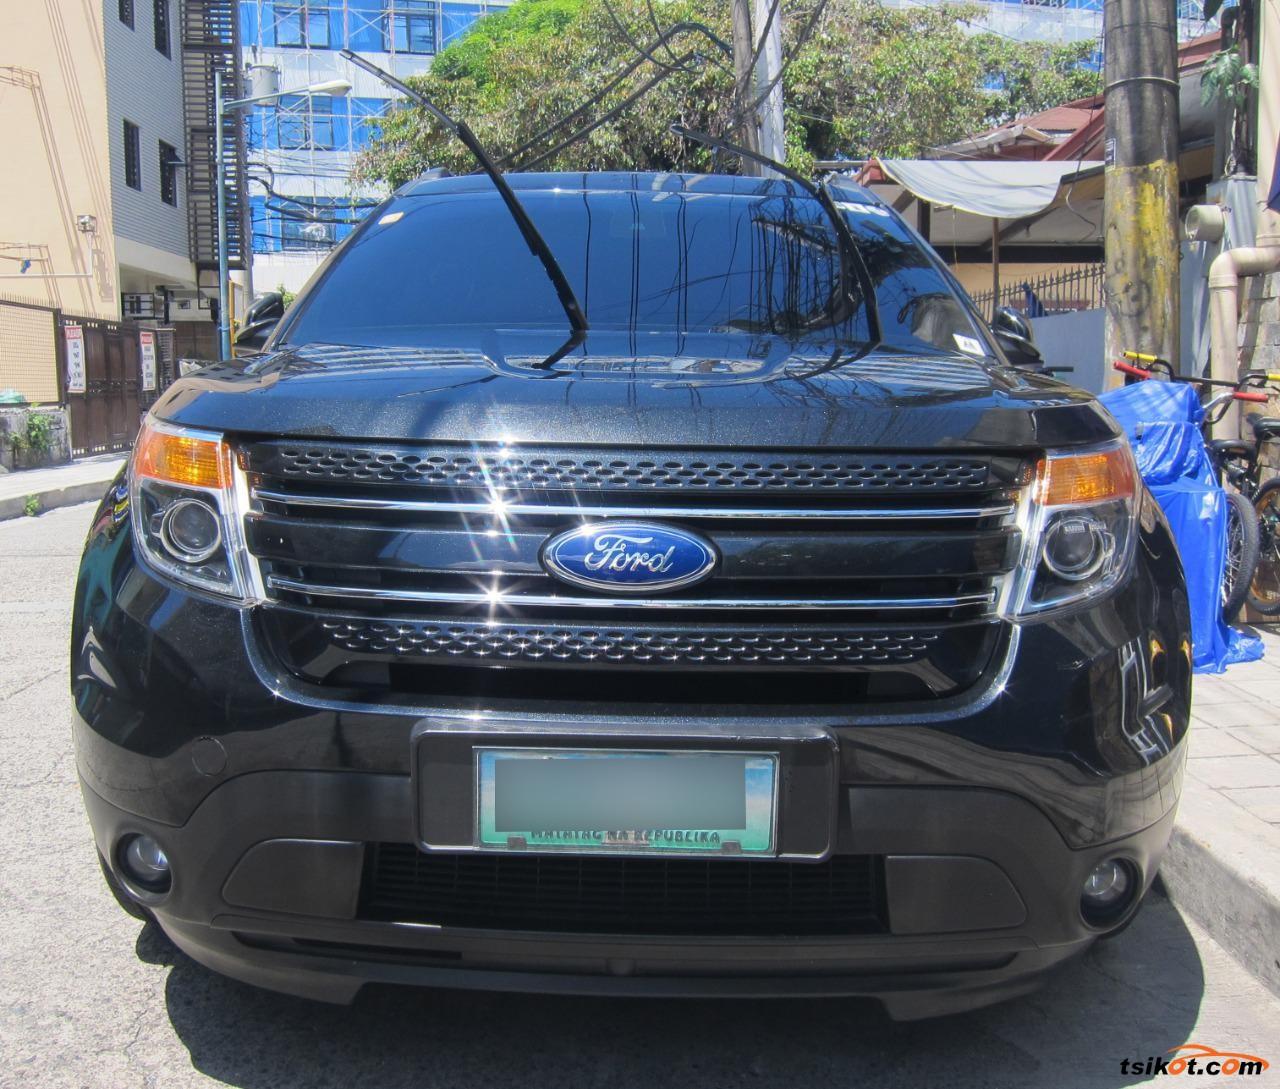 Ford Explorer 2013 - 1